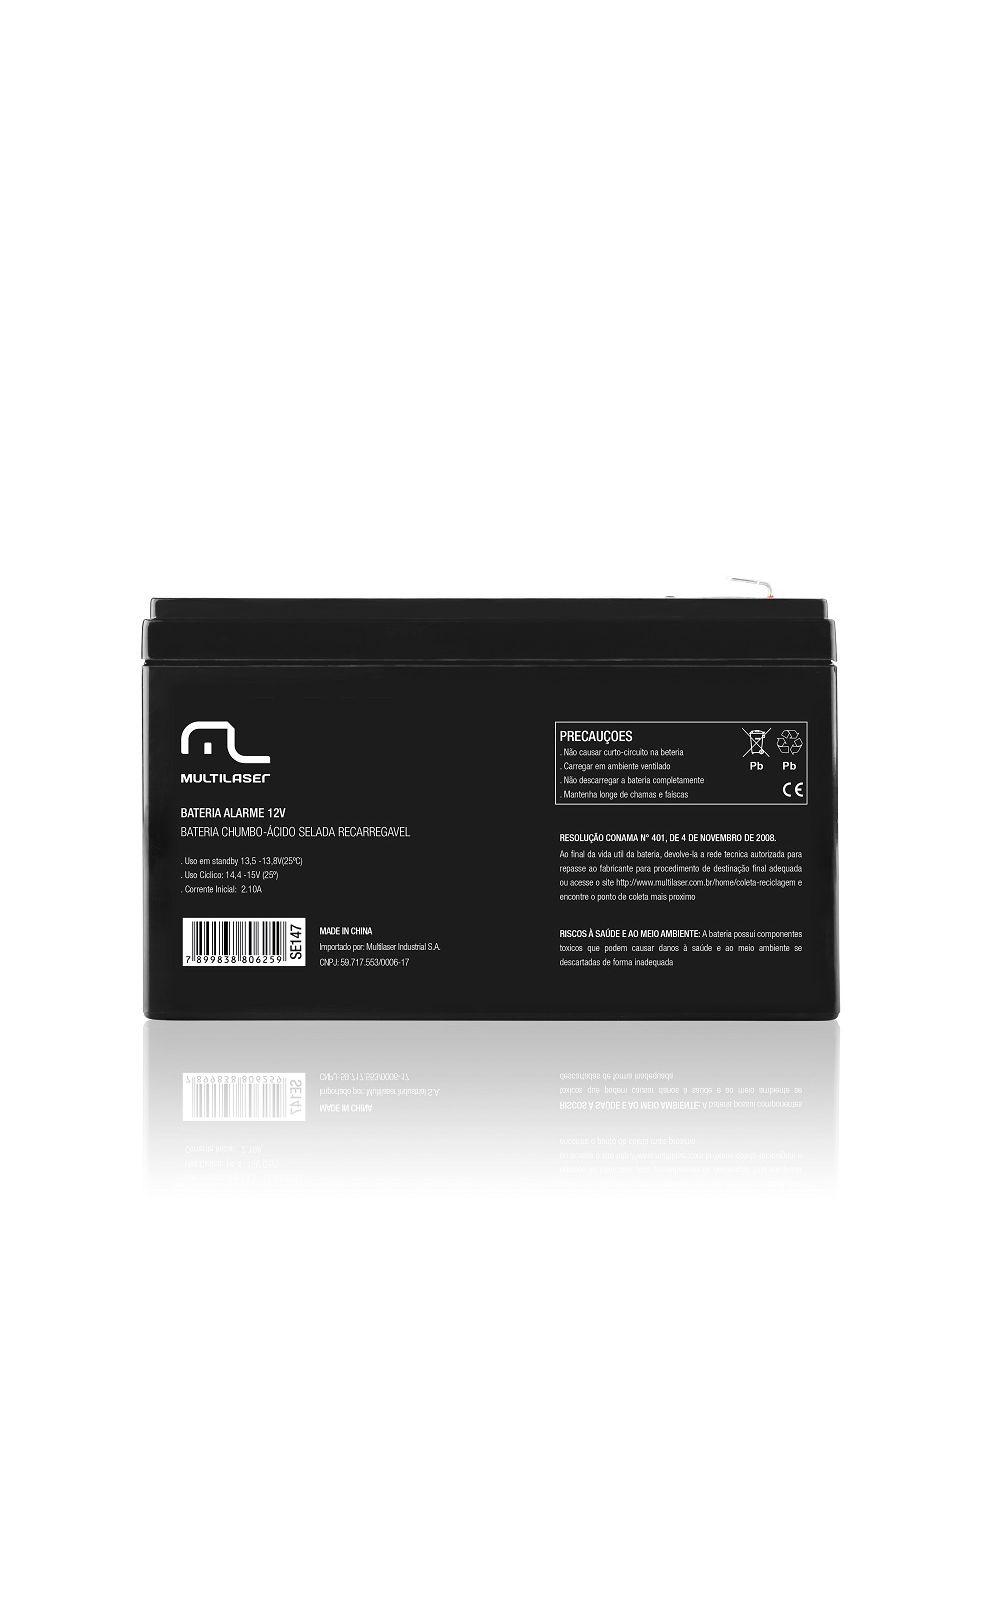 Foto 2 - Bateria estacionária carregador p/ alarme e cerca elétrica 12v - Multilaser - SE147